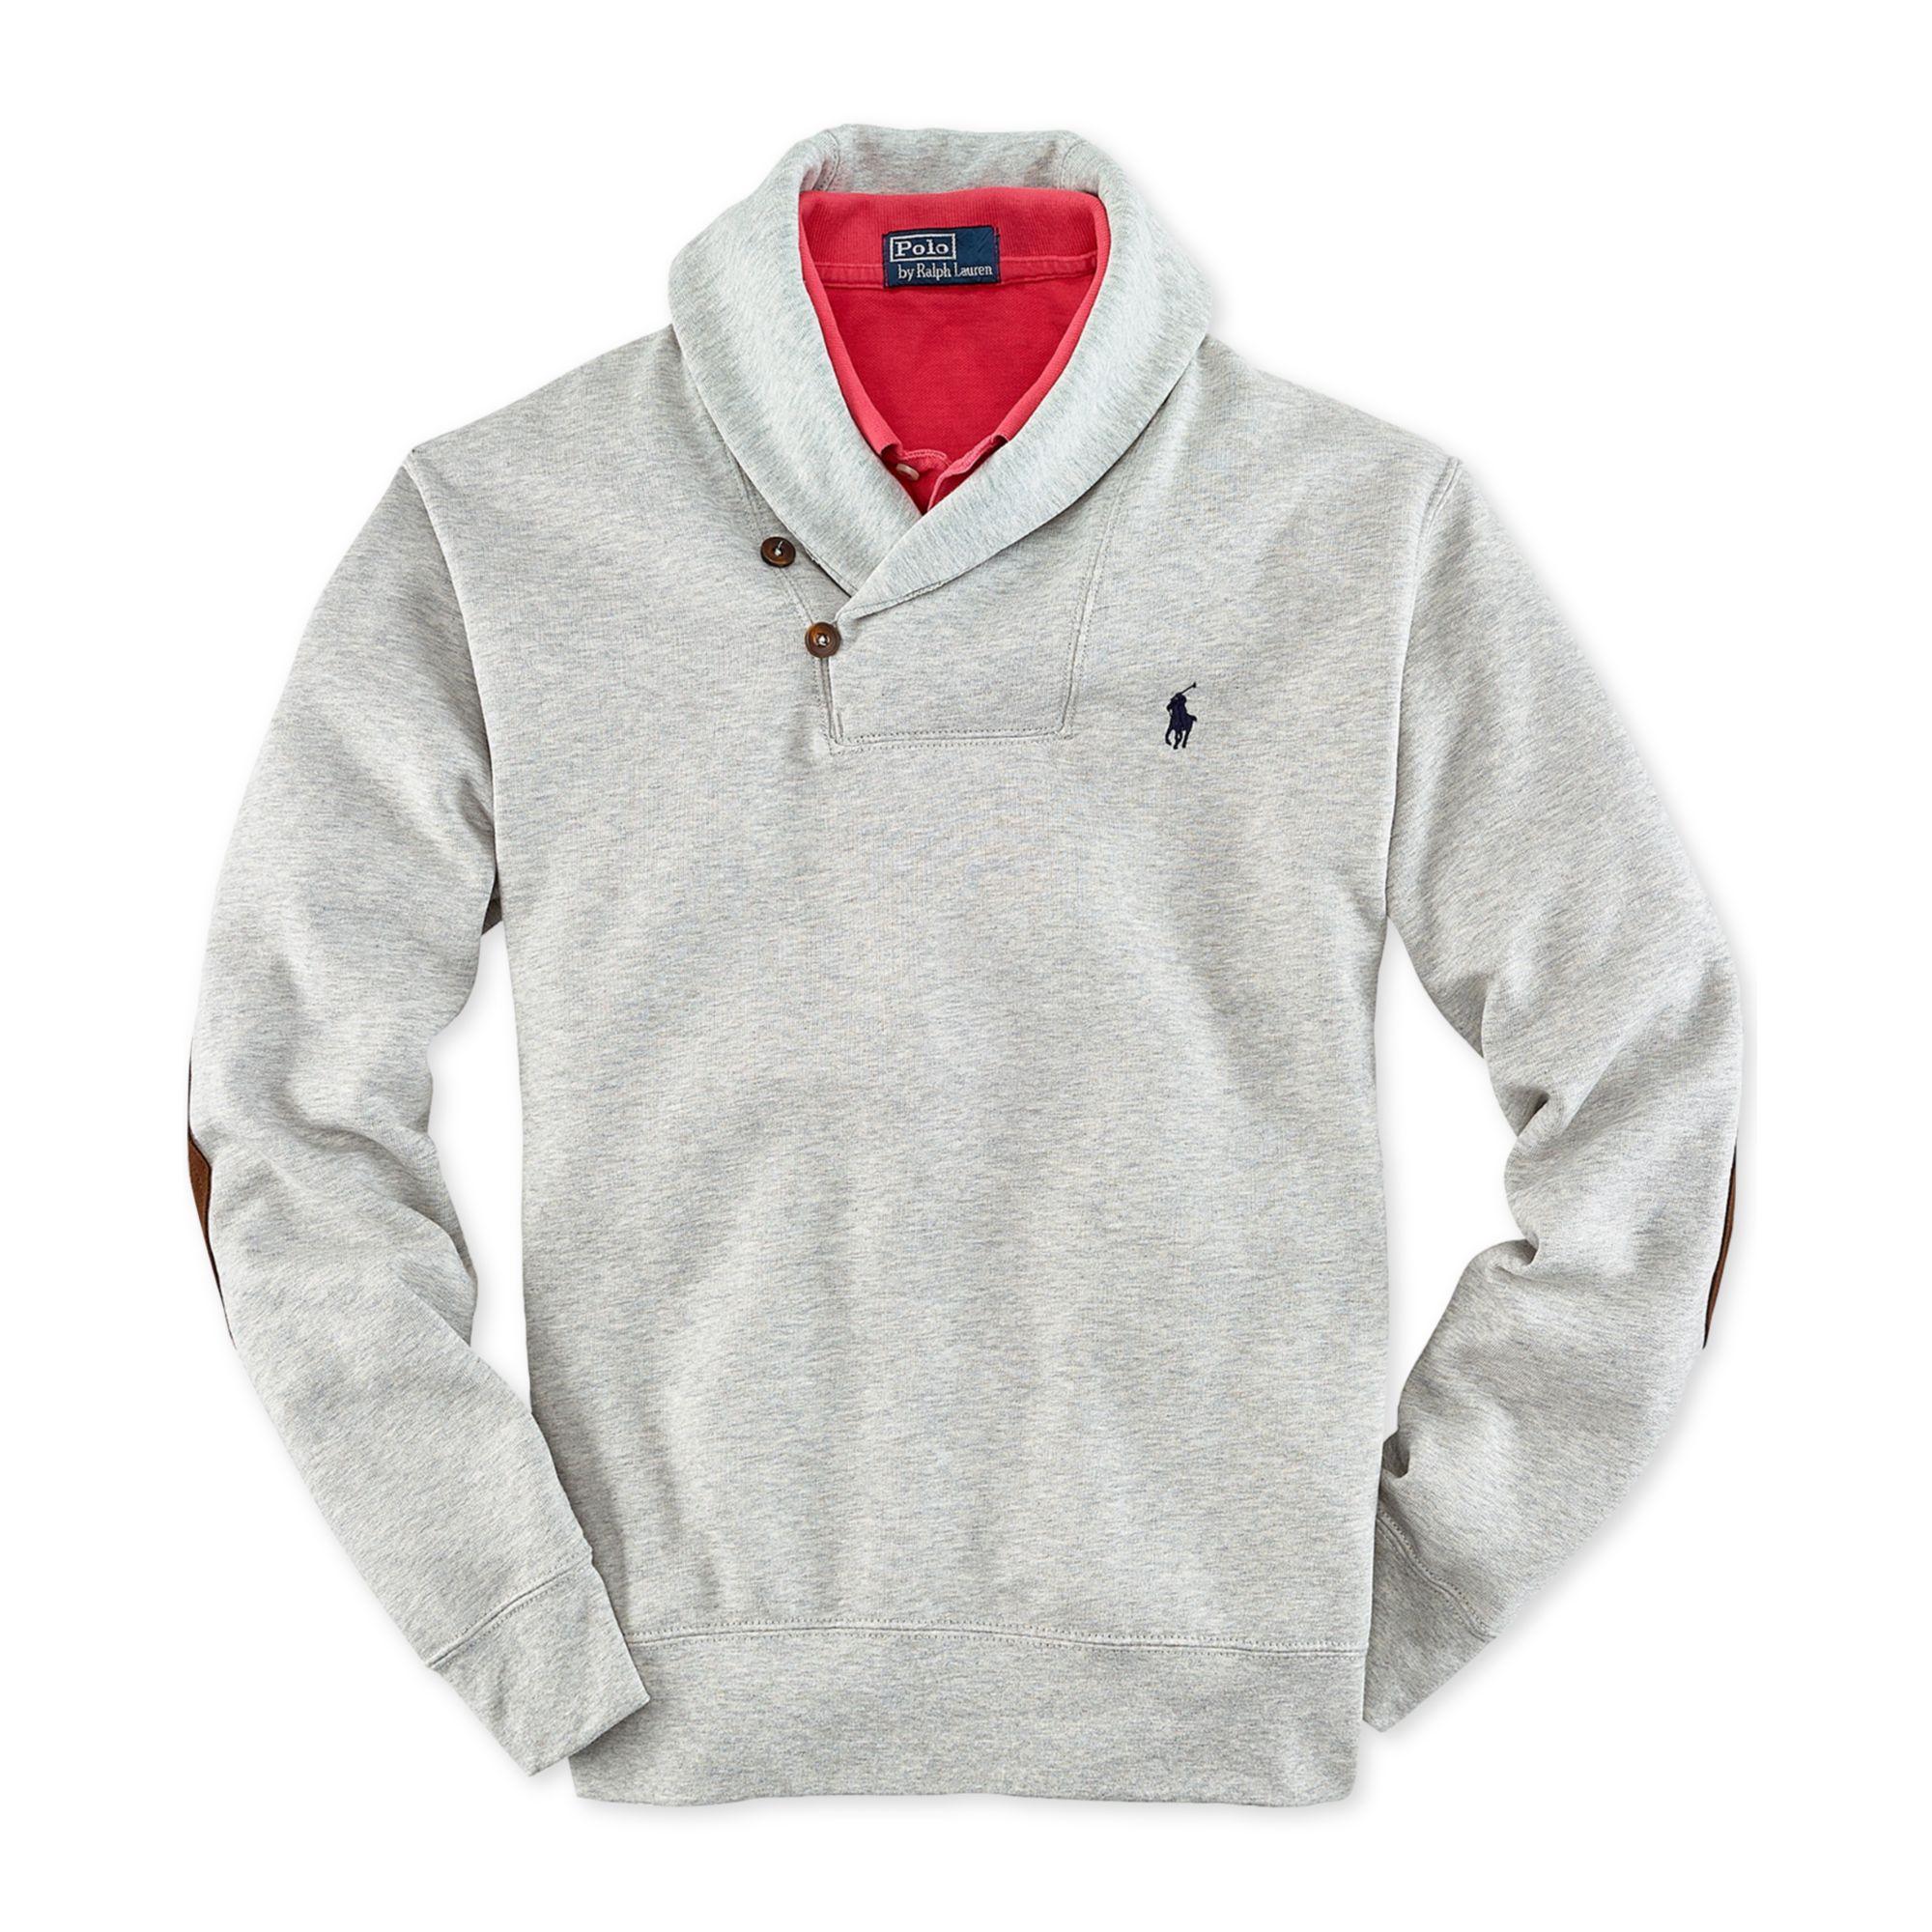 Ralph Lauren Shawl Collar Fleece Pullover in Gray for Men